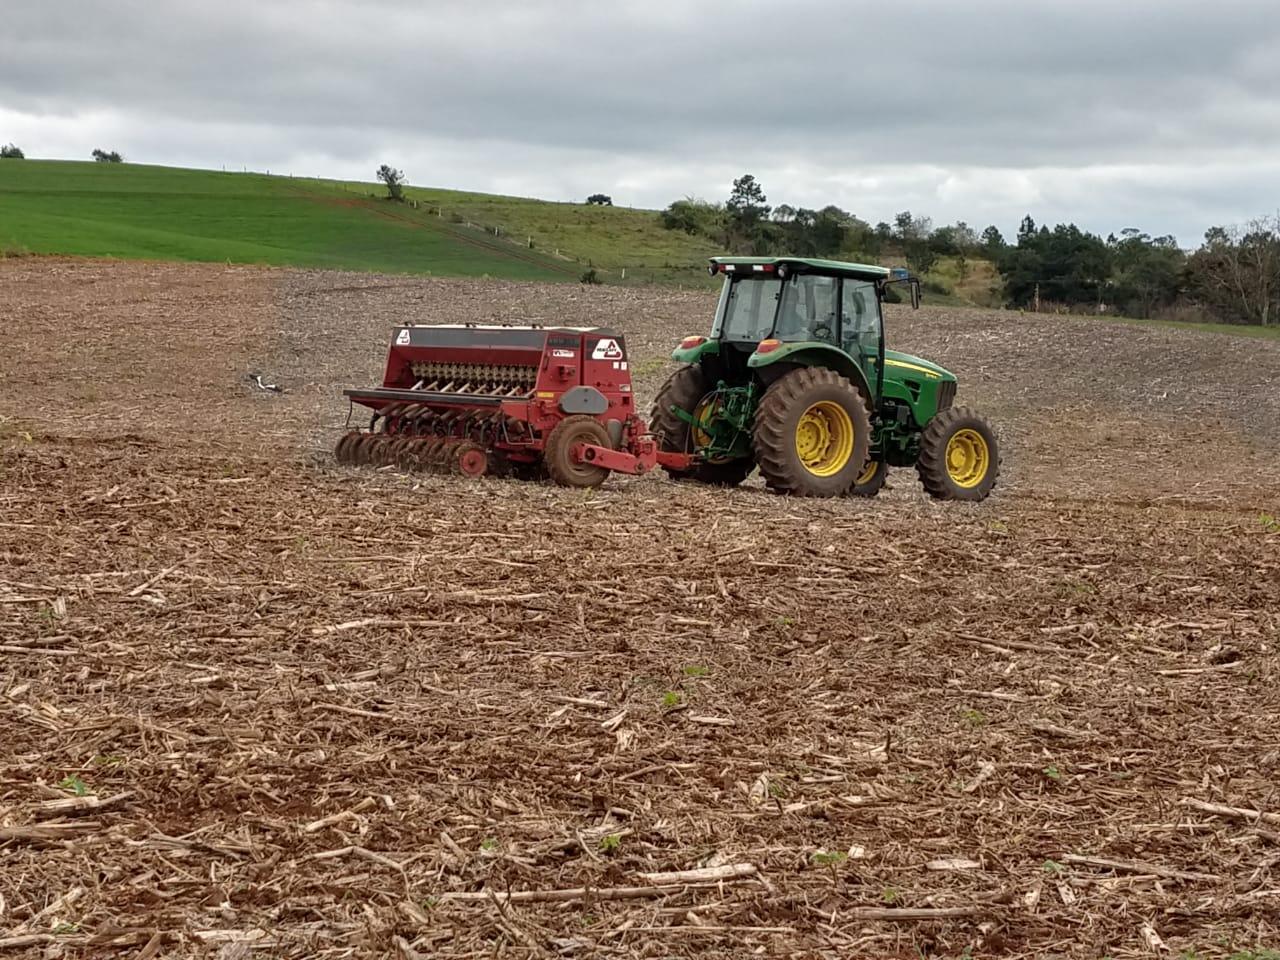 Após dias de sol se inicia a semeadura de trigo no oeste de Santa Catarina. Envio de Ednilson Angonese Eng. Agrônomo